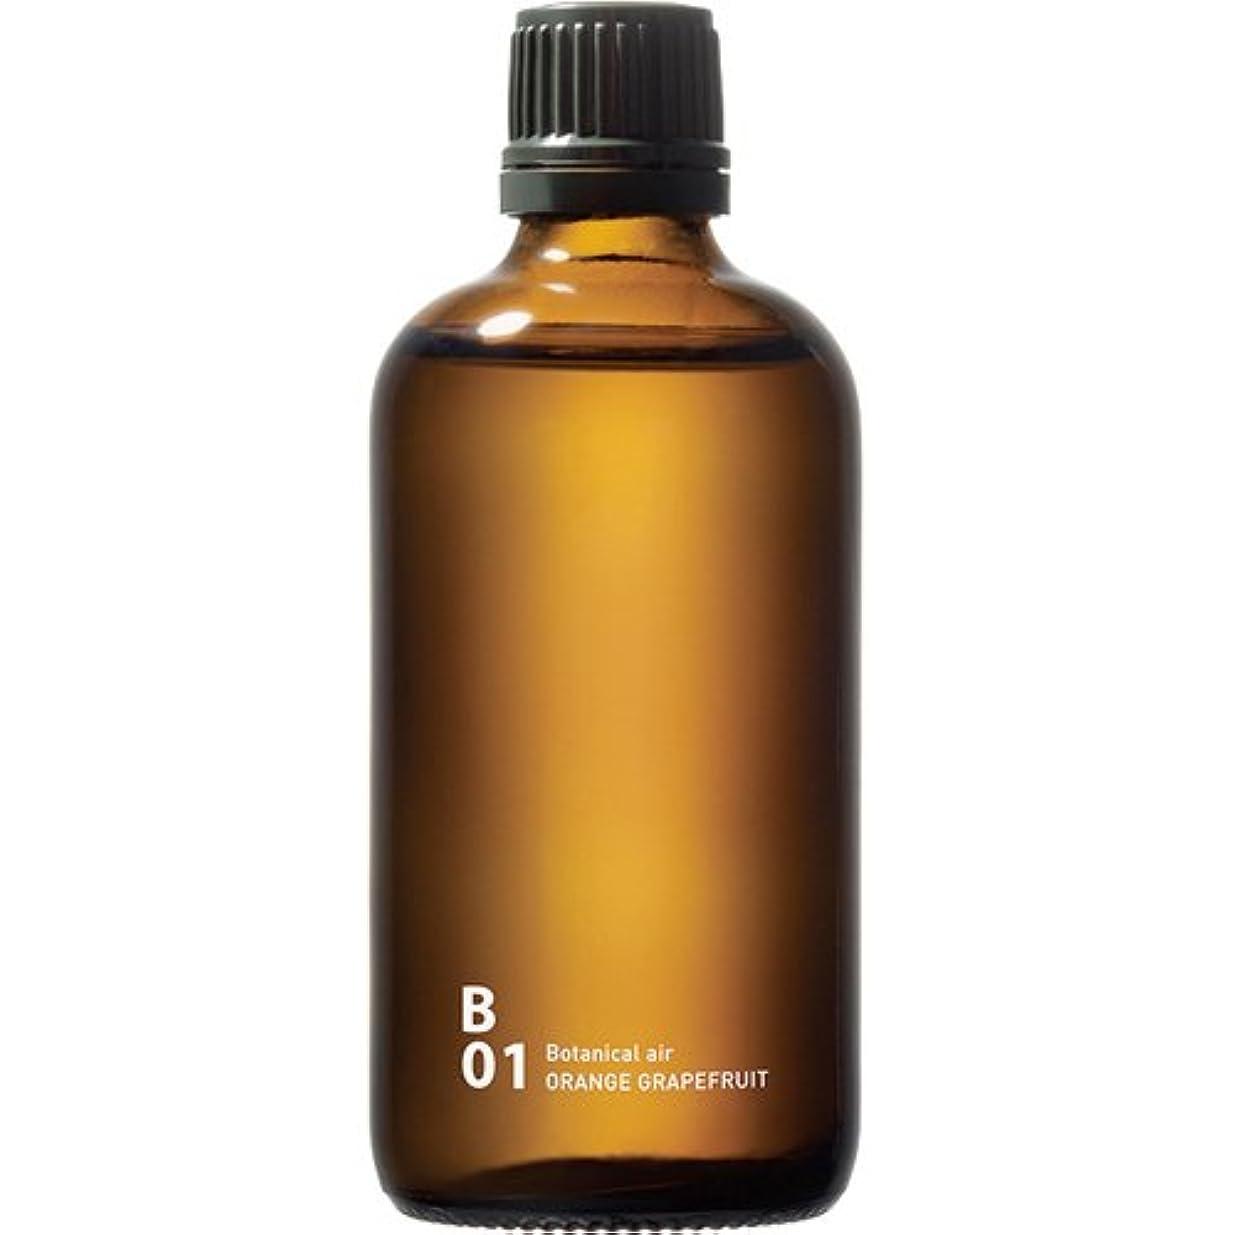 突然の落ち着く十二B01 ORANGE GRAPEFRUIT piezo aroma oil 100ml